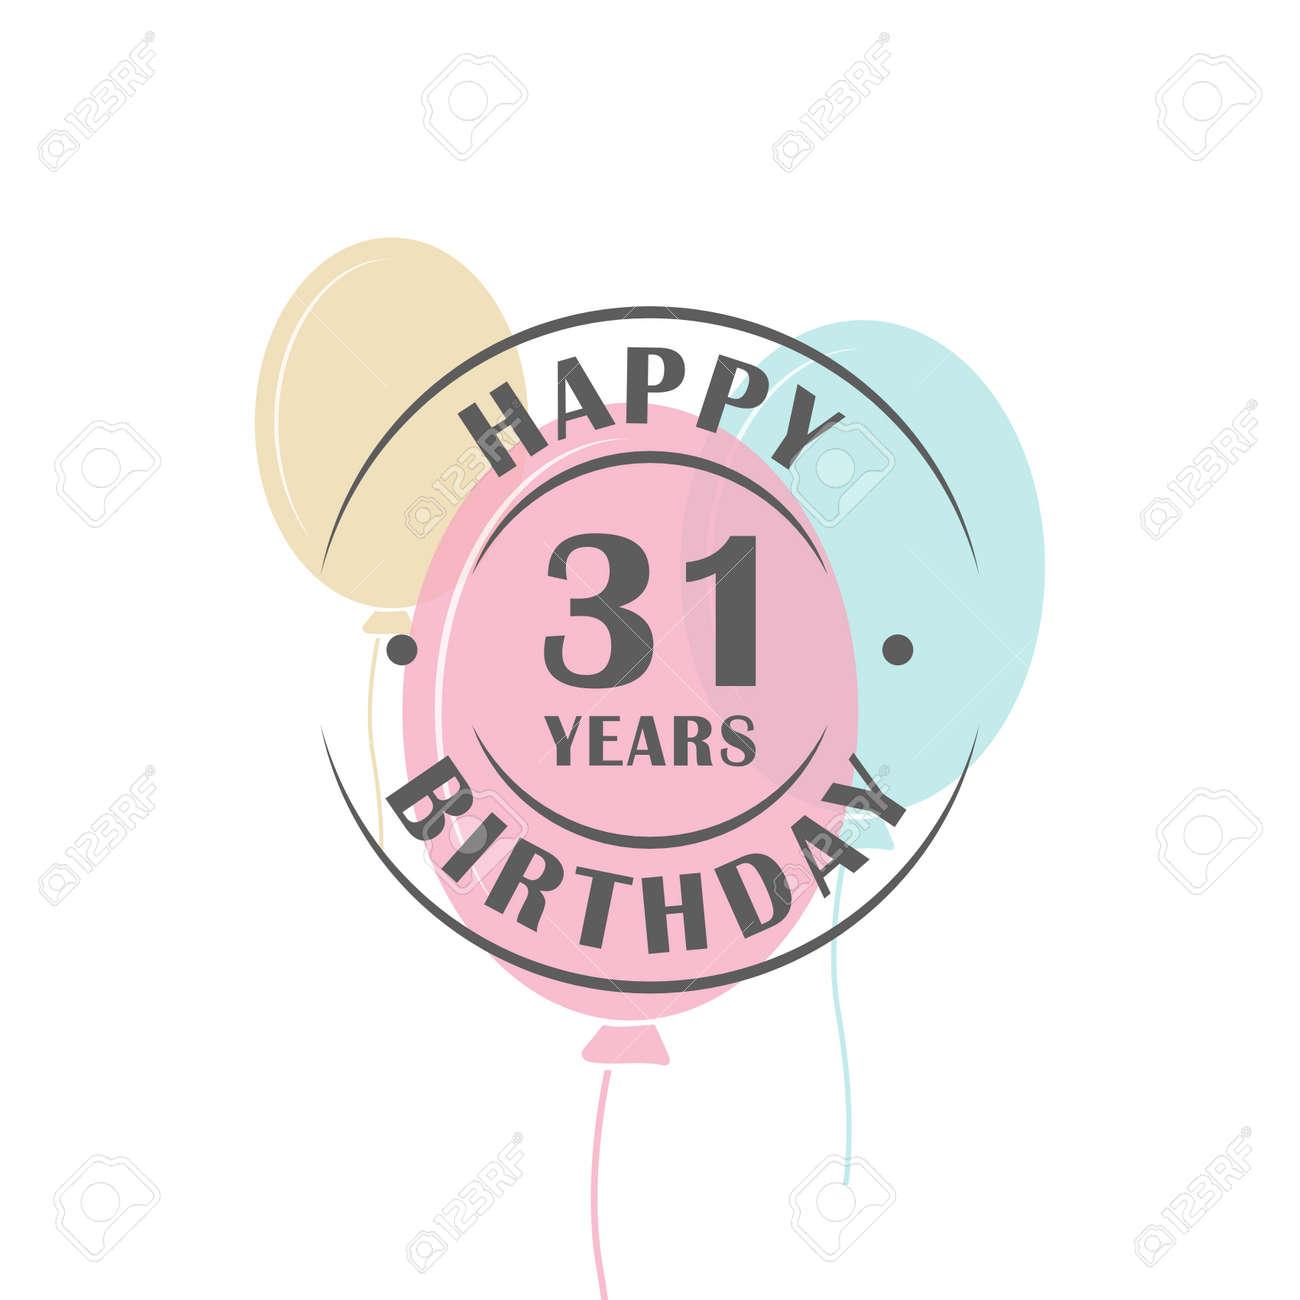 Joyeux Anniversaire 31 Ans Logo Rond Avec Des Ballons De Fete Modele De Carte De Voeux Clip Art Libres De Droits Vecteurs Et Illustration Image 65864366